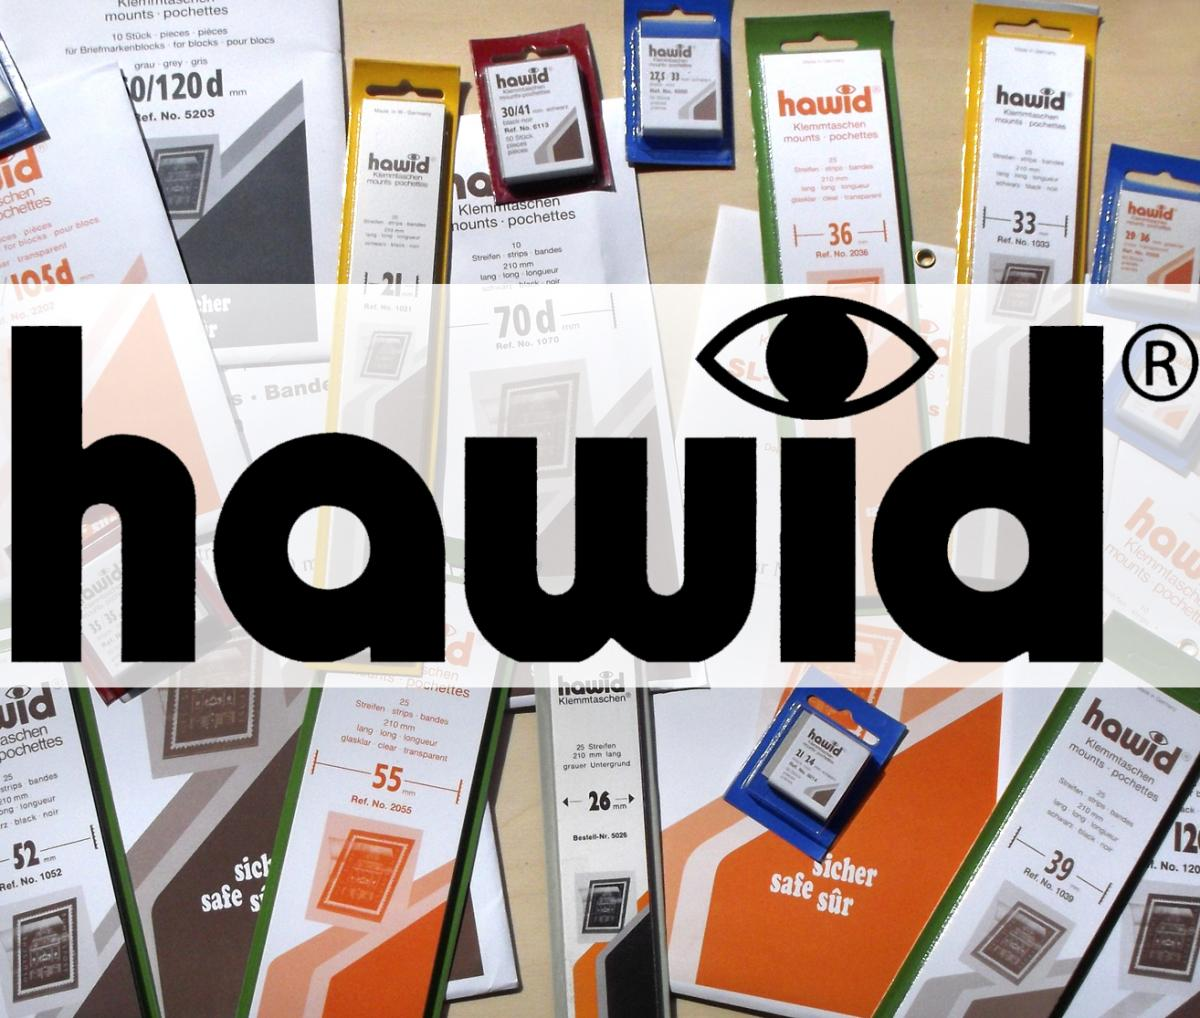 HAWID SL-Streifen 265x125 mm, glasklar, 8 Stück, d* 0